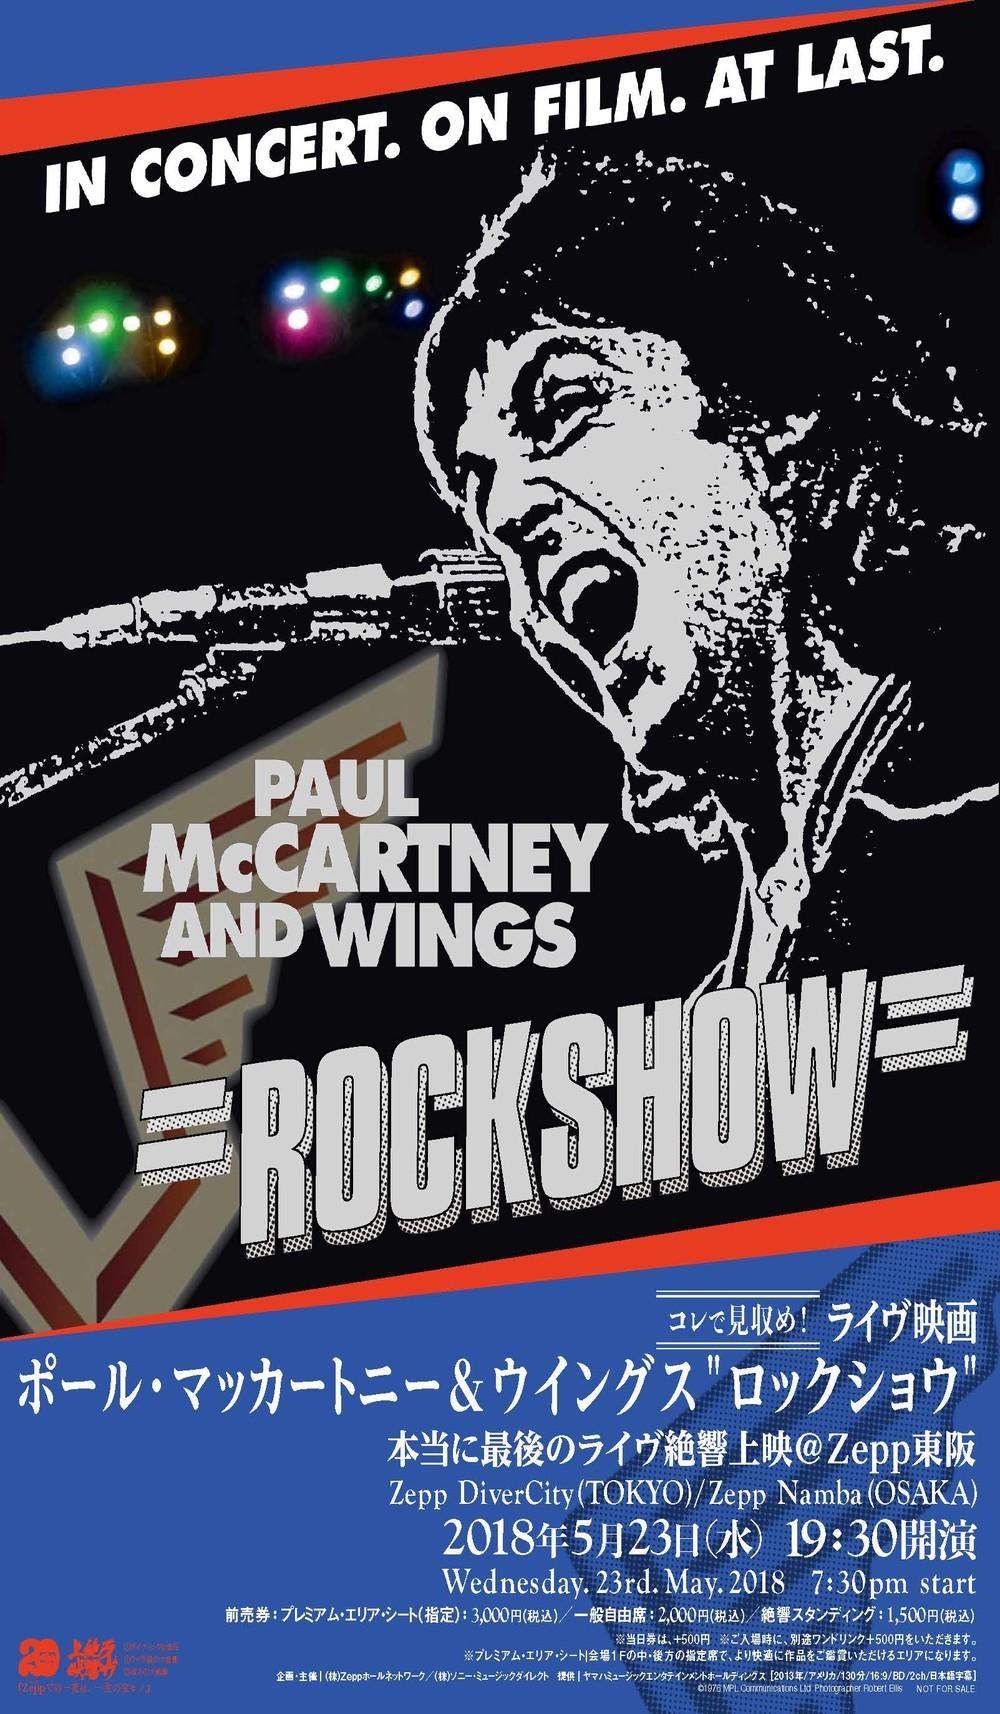 もう見られなくなるかも ポール・マッカートニー&ウイングスのライブ映画